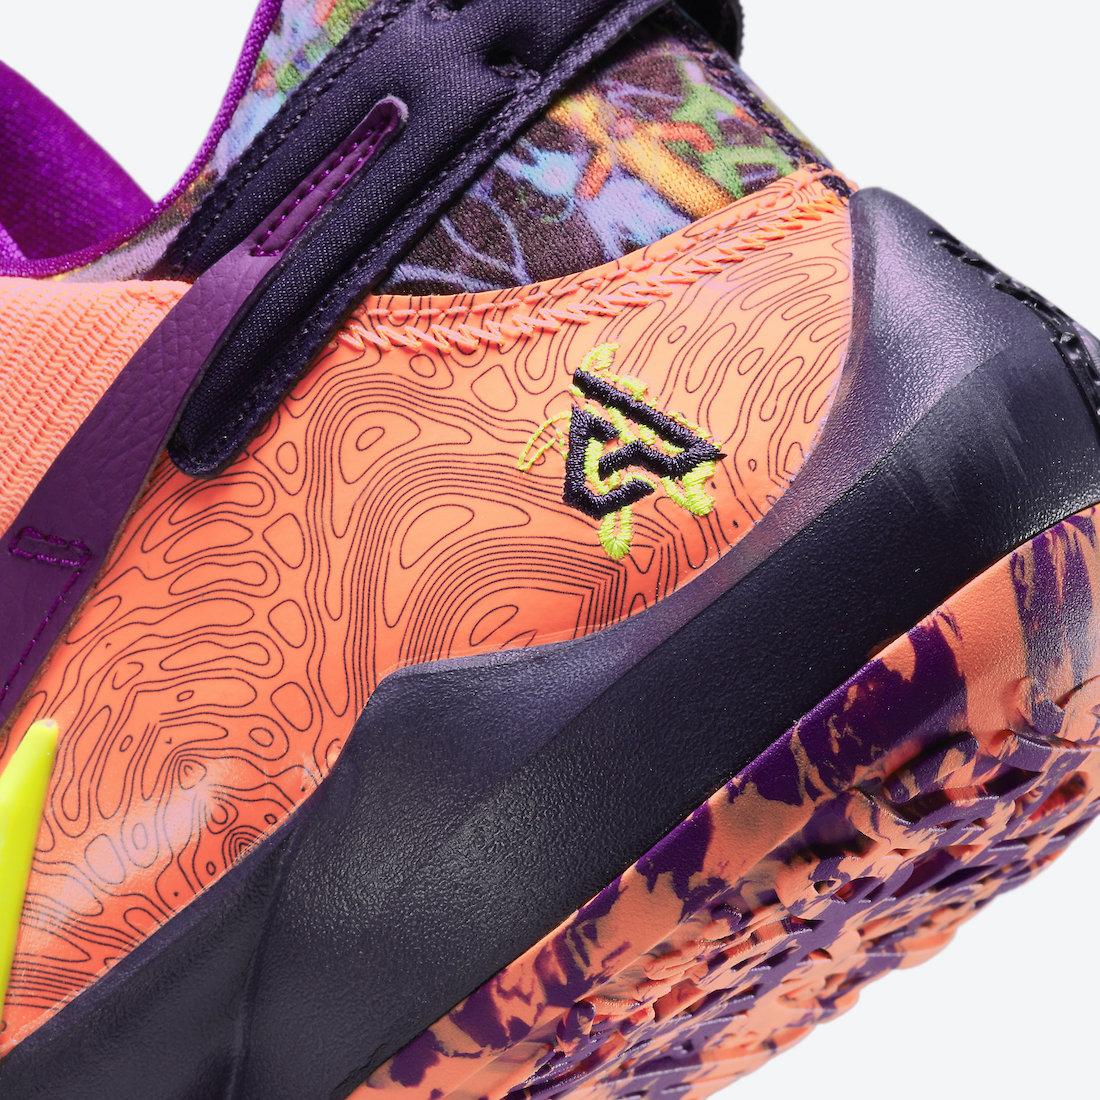 Nike Zoom Freak 2 Bright Mango CW3162-800 Release Date Info